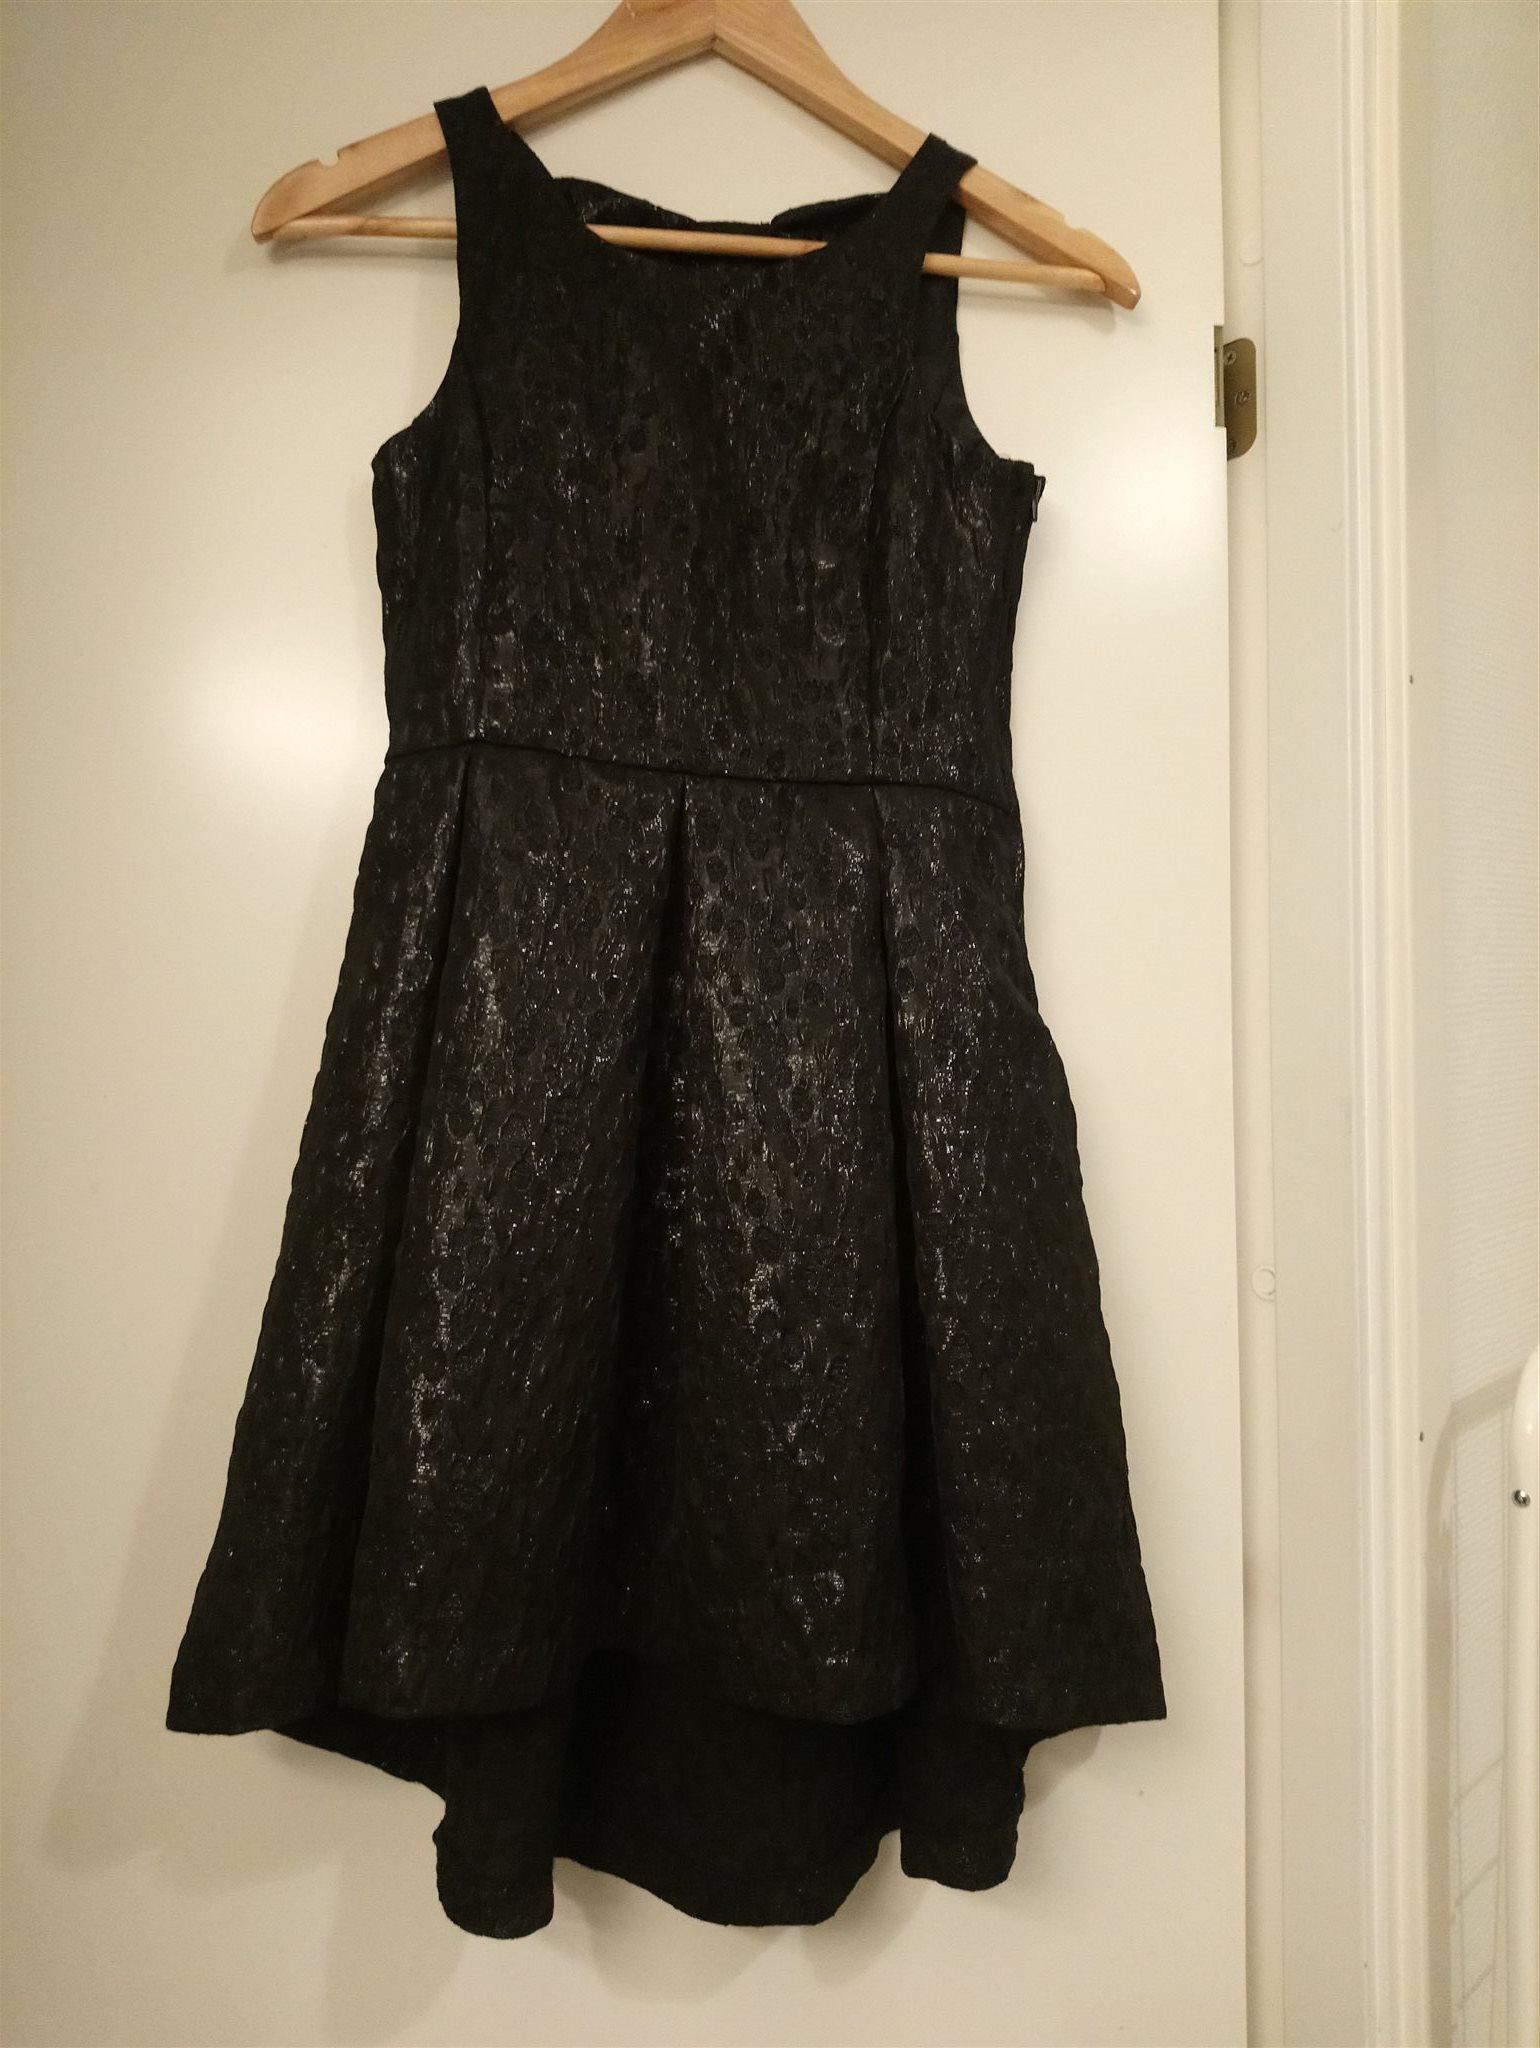 330838adad9 Finklänning fest jul nyår festklänning svart m glittertrådar stl 146 H&M  nyskick